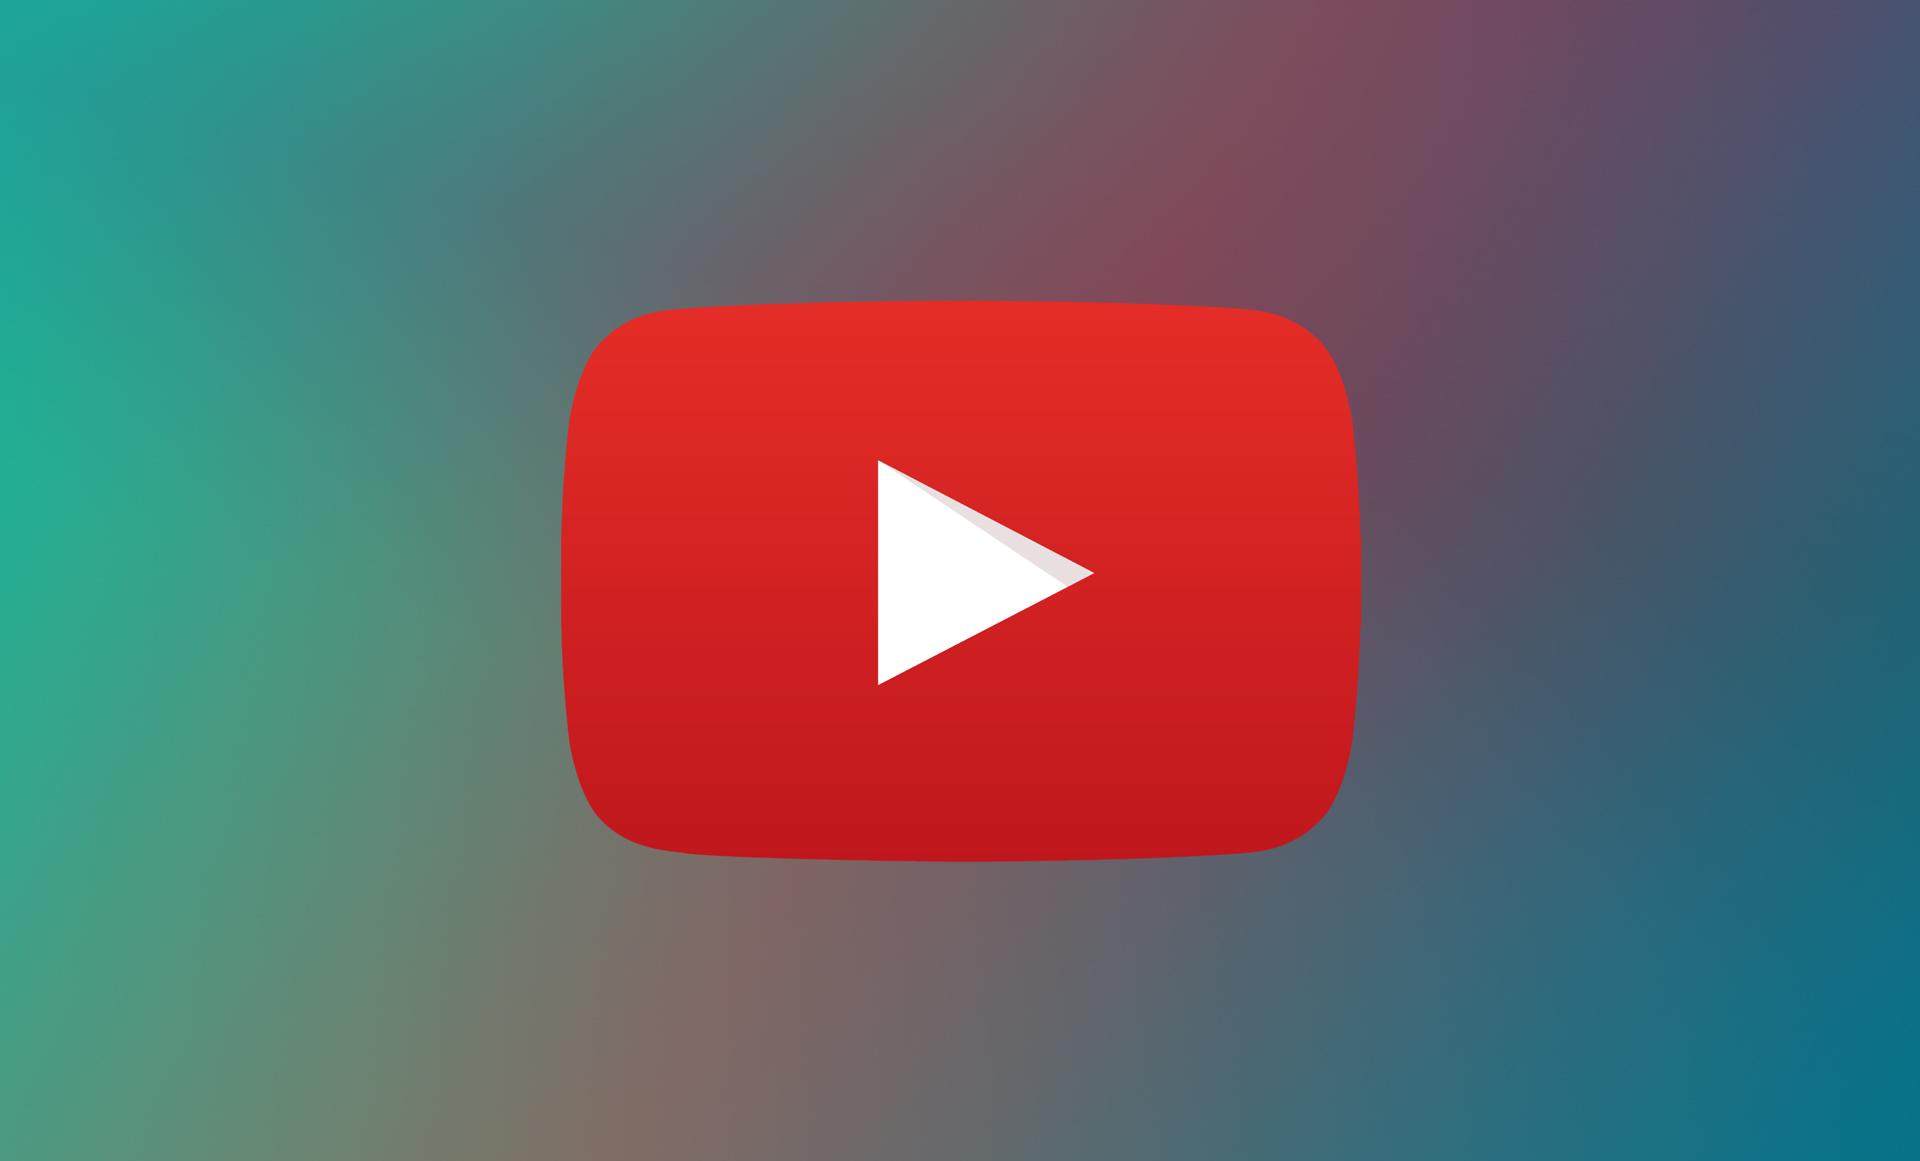 تقليل حجم مقاطع الفيديو دون فقدان جودتها